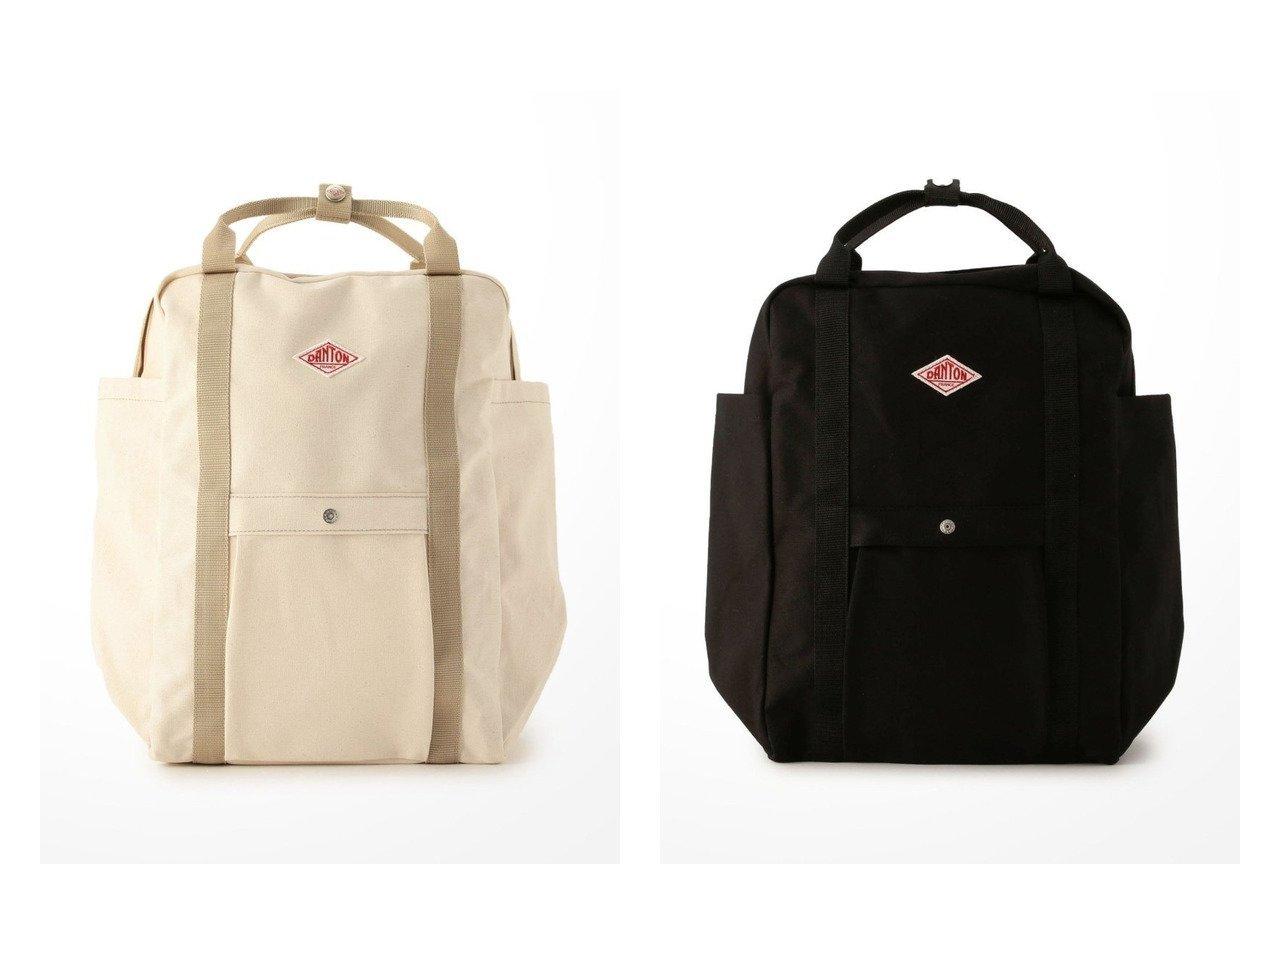 【Bshop/ビショップ】の【DANTON】2WAY キャンバスリュック SCV 【バッグ・鞄】おすすめ!人気、トレンド・レディースファッションの通販 おすすめで人気の流行・トレンド、ファッションの通販商品 メンズファッション・キッズファッション・インテリア・家具・レディースファッション・服の通販 founy(ファニー) https://founy.com/ ファッション Fashion レディースファッション WOMEN バッグ Bag アウトドア アクリル キャンバス コーティング ポケット リュック ワーク 定番 Standard  ID:crp329100000033049